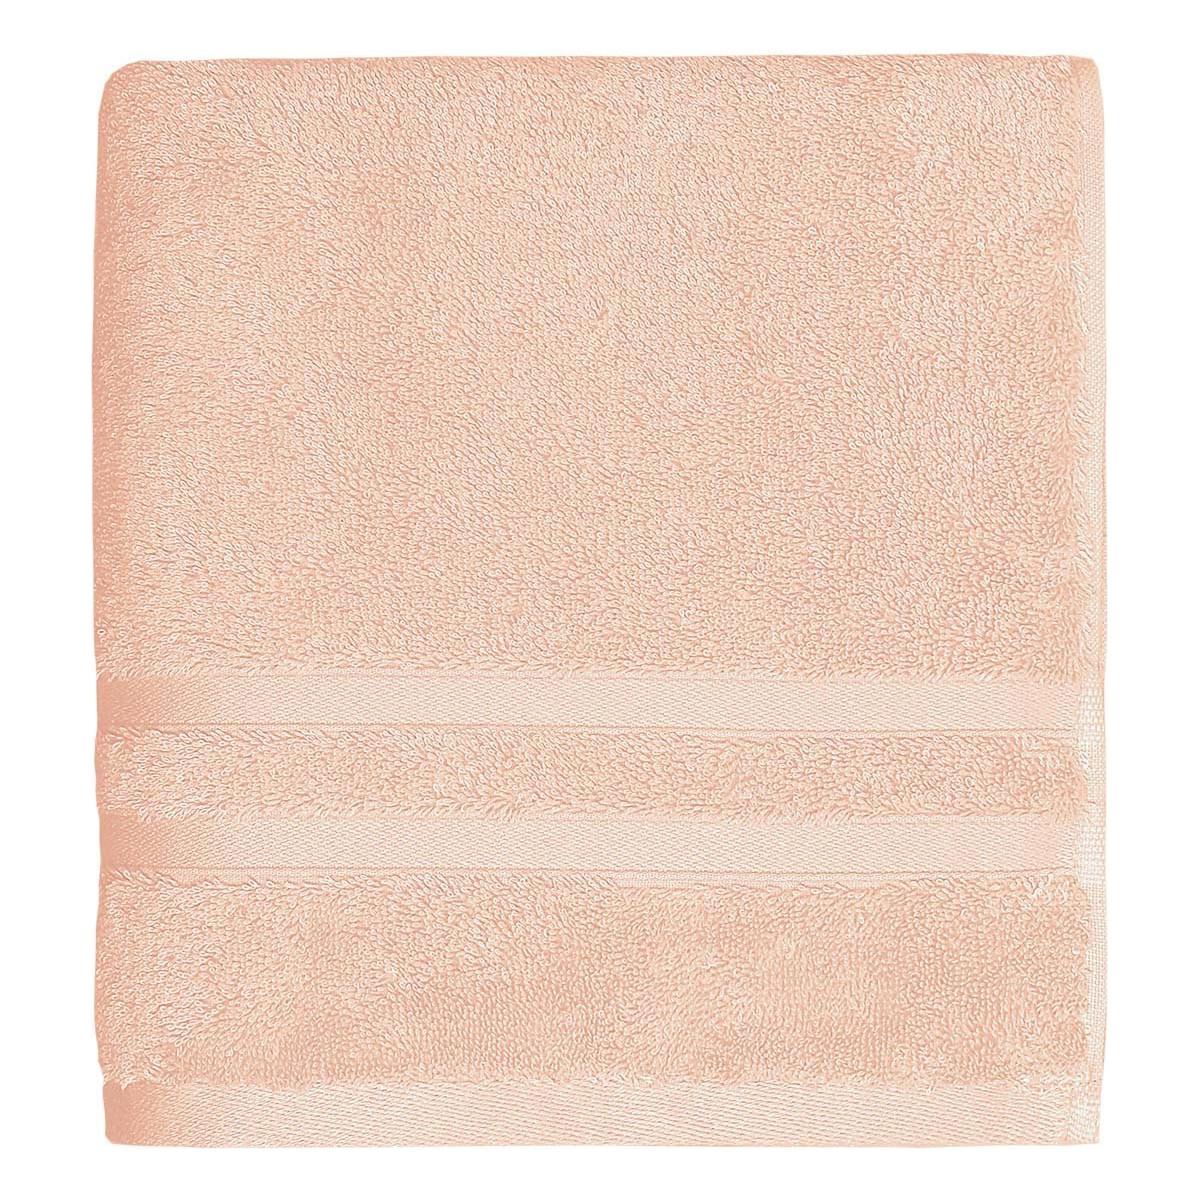 Drap de bain 600gr/m² Rose Poudre 70x140 cm